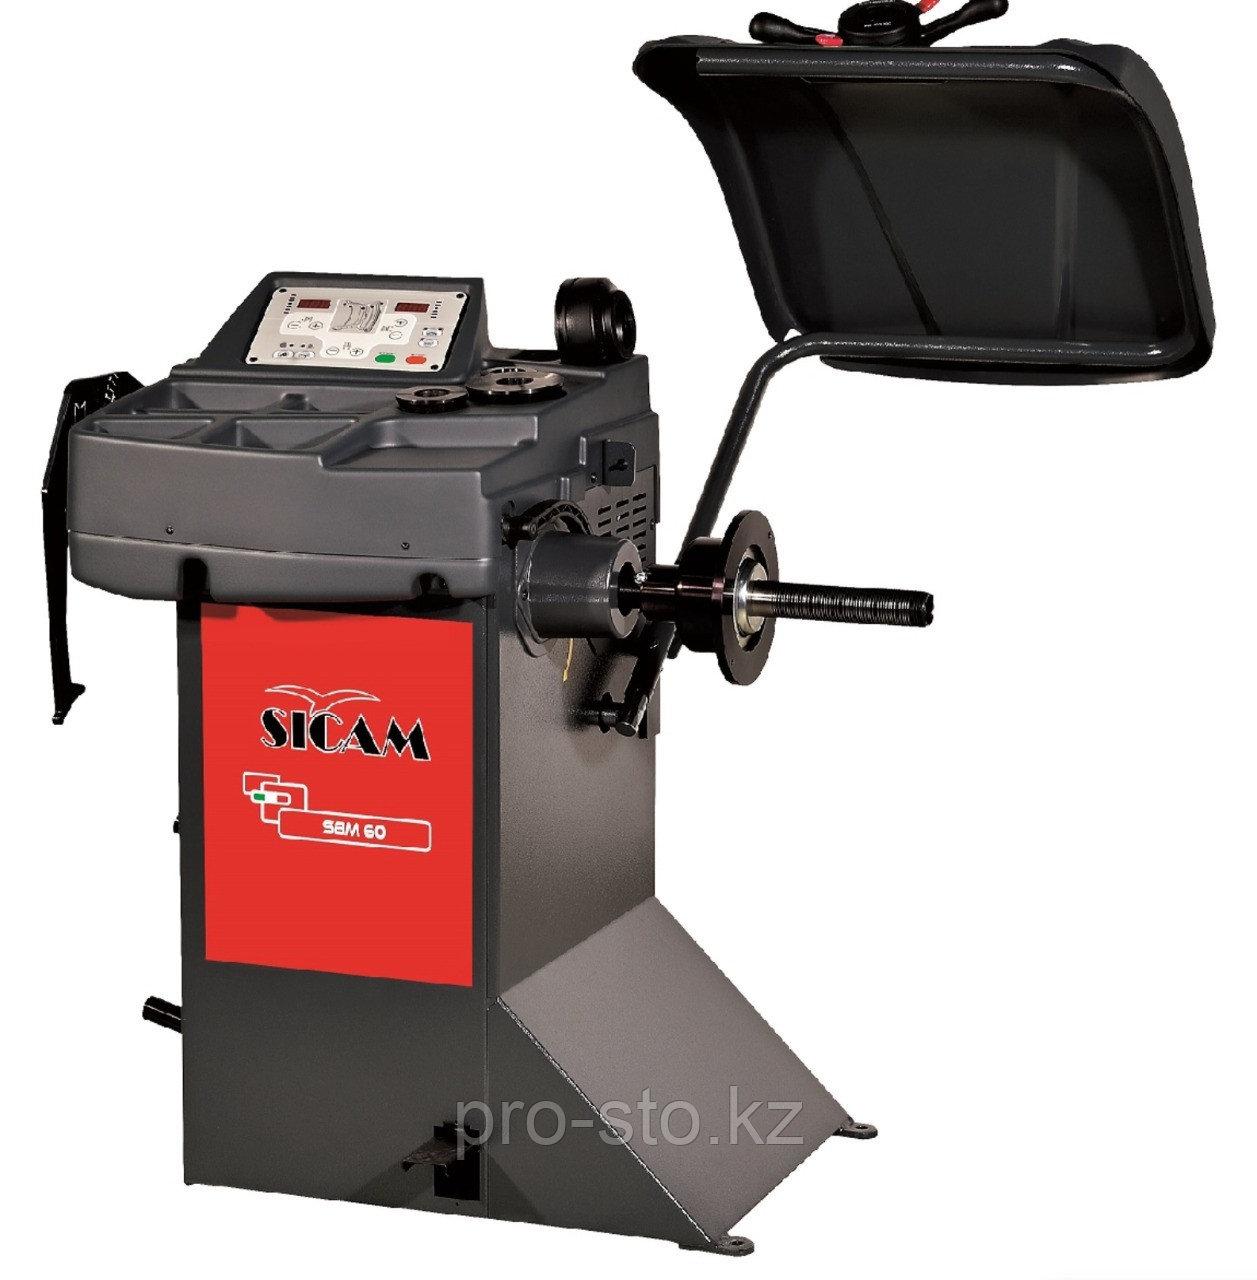 Балансировочный стенд с ручным вводом параметров Sicam арт. SBM60 (Италия)